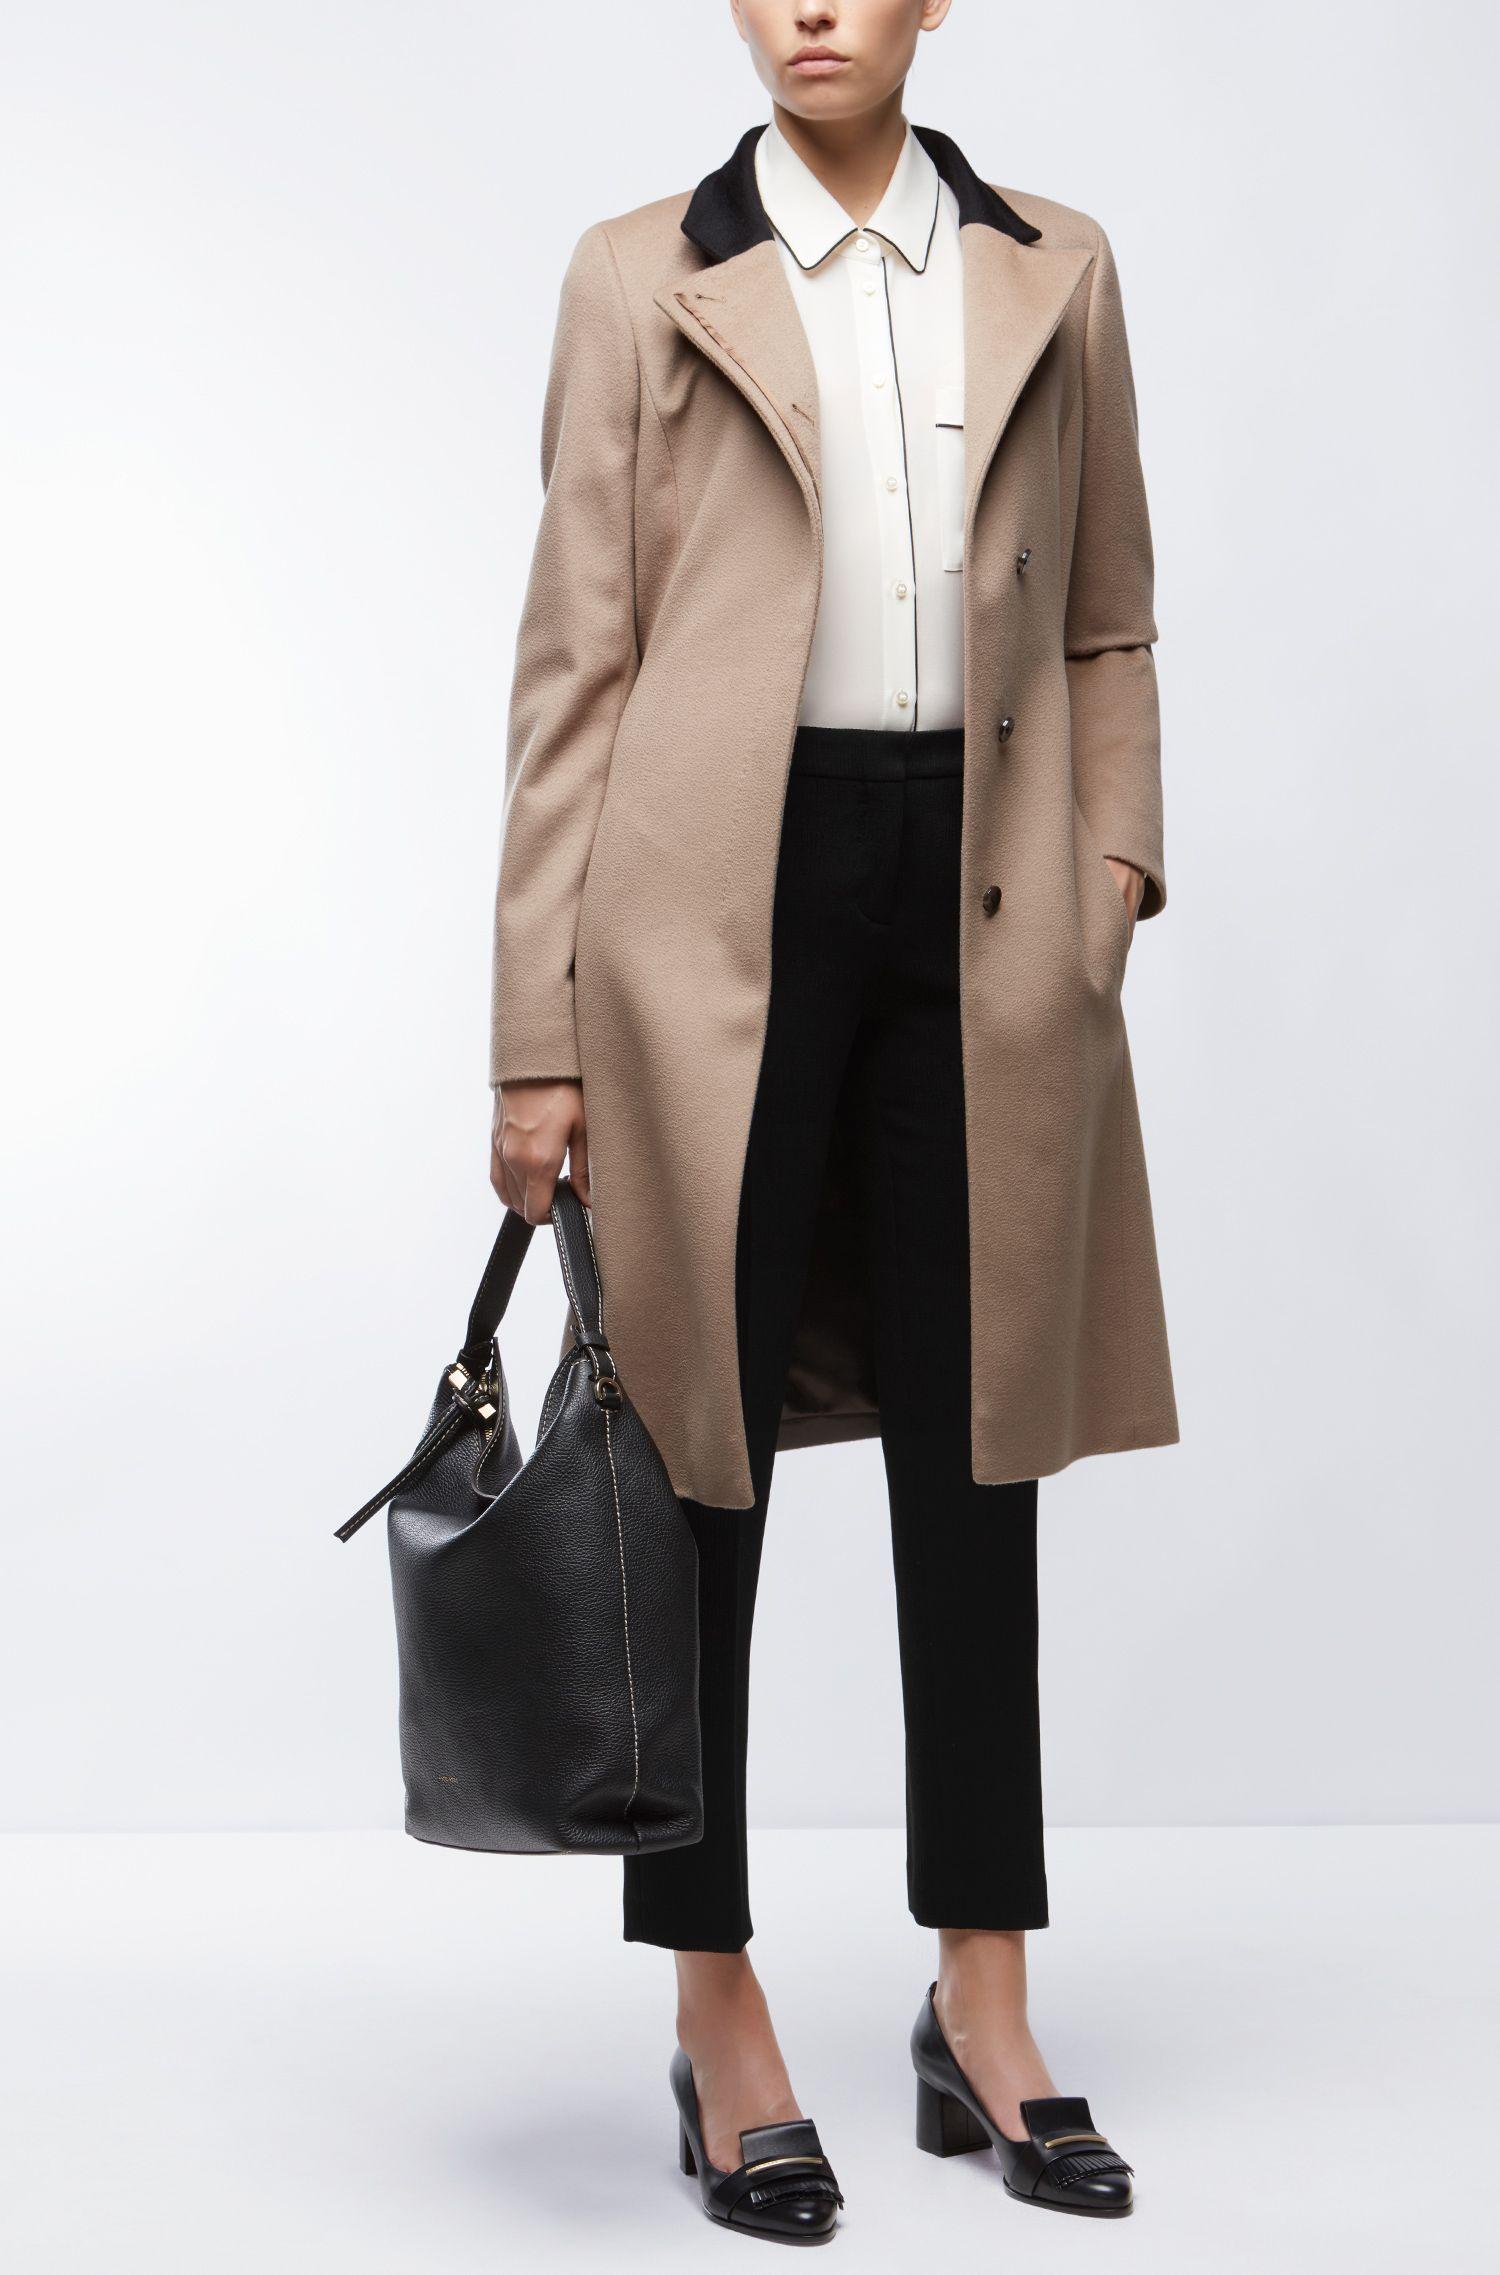 Crepe Cropped Suiting Pant | Tanitea, Black